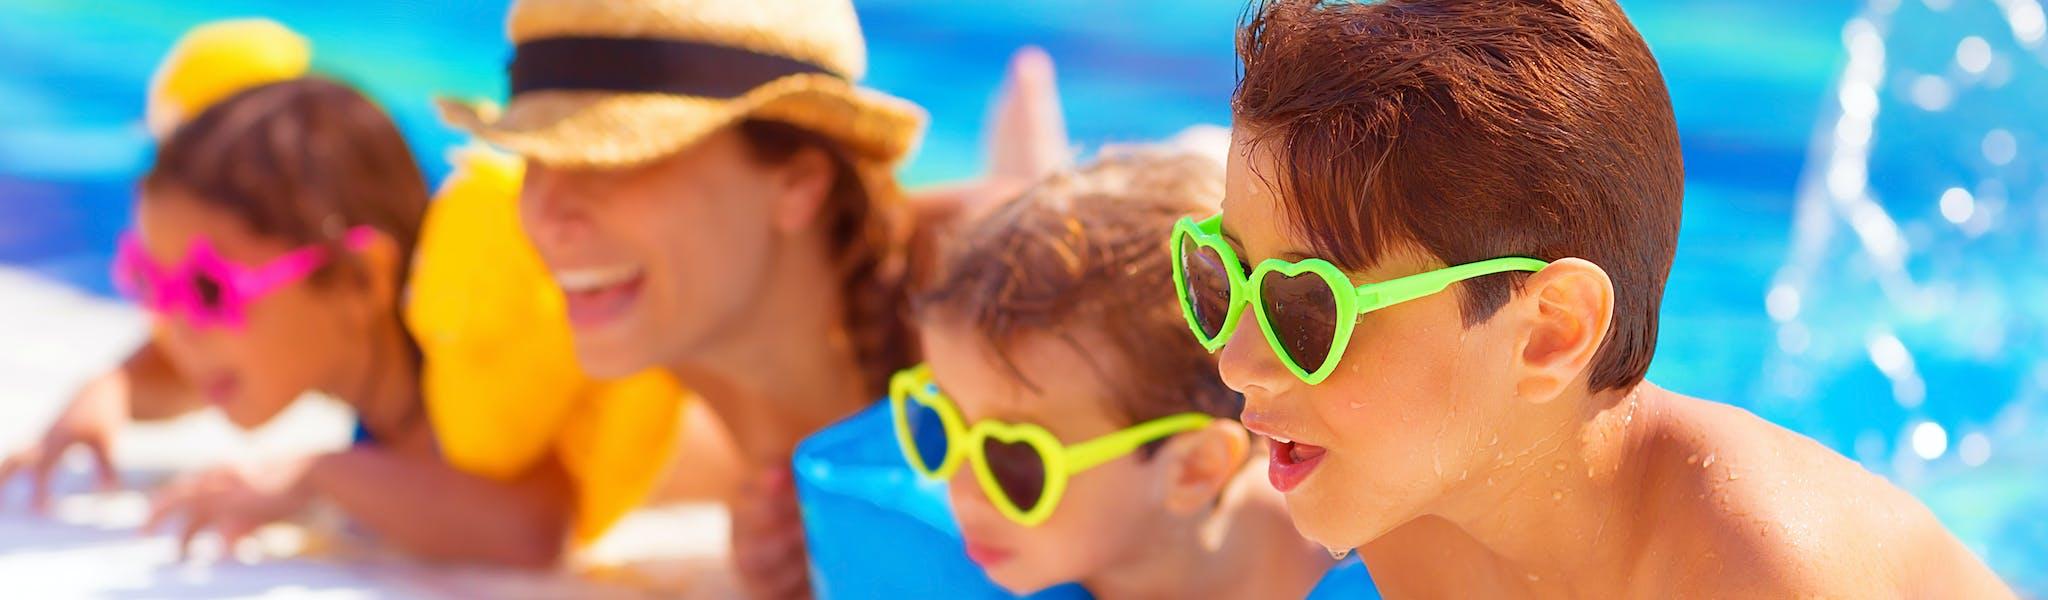 Kinderen aan de rand van het zwembad